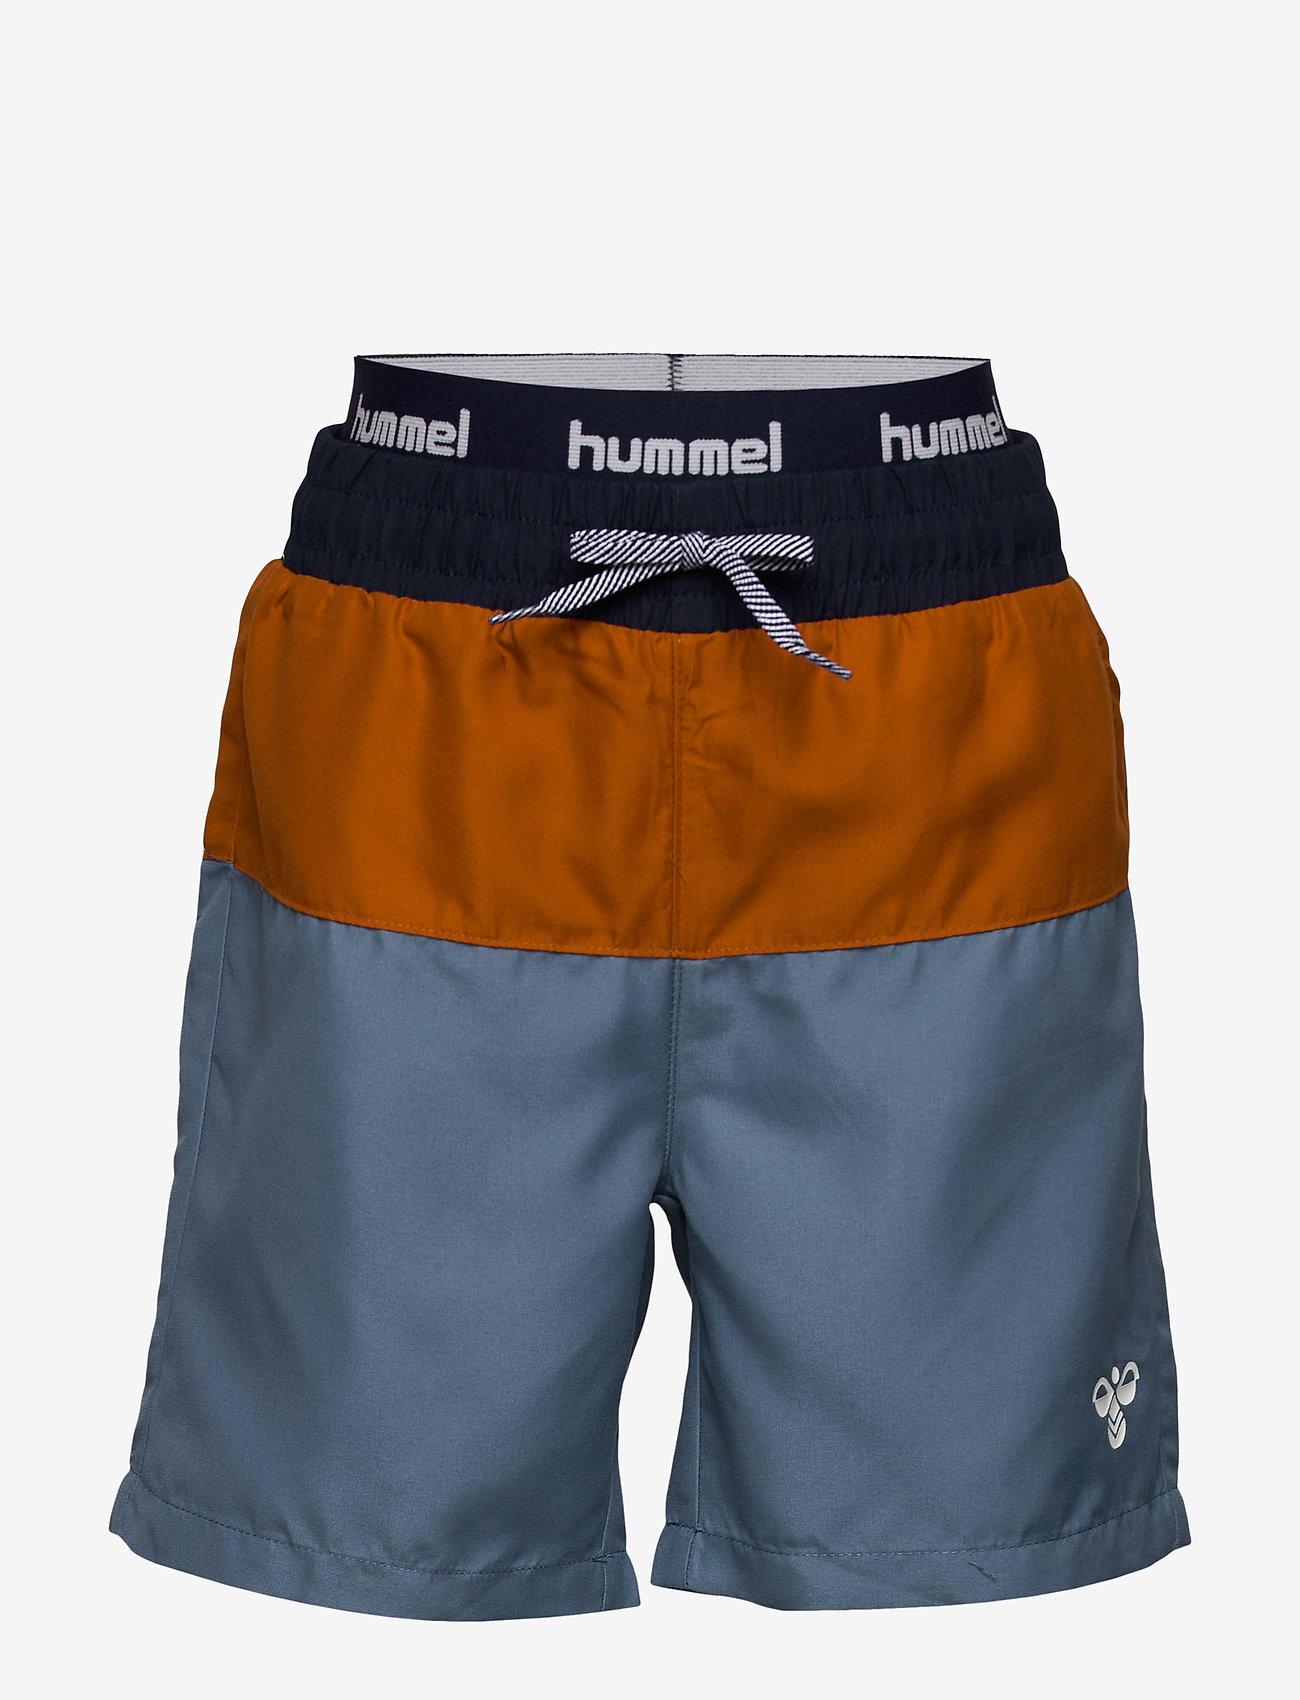 Hummel - hmlGARNER BOARD SHORTS - bademode - copen blue - 0